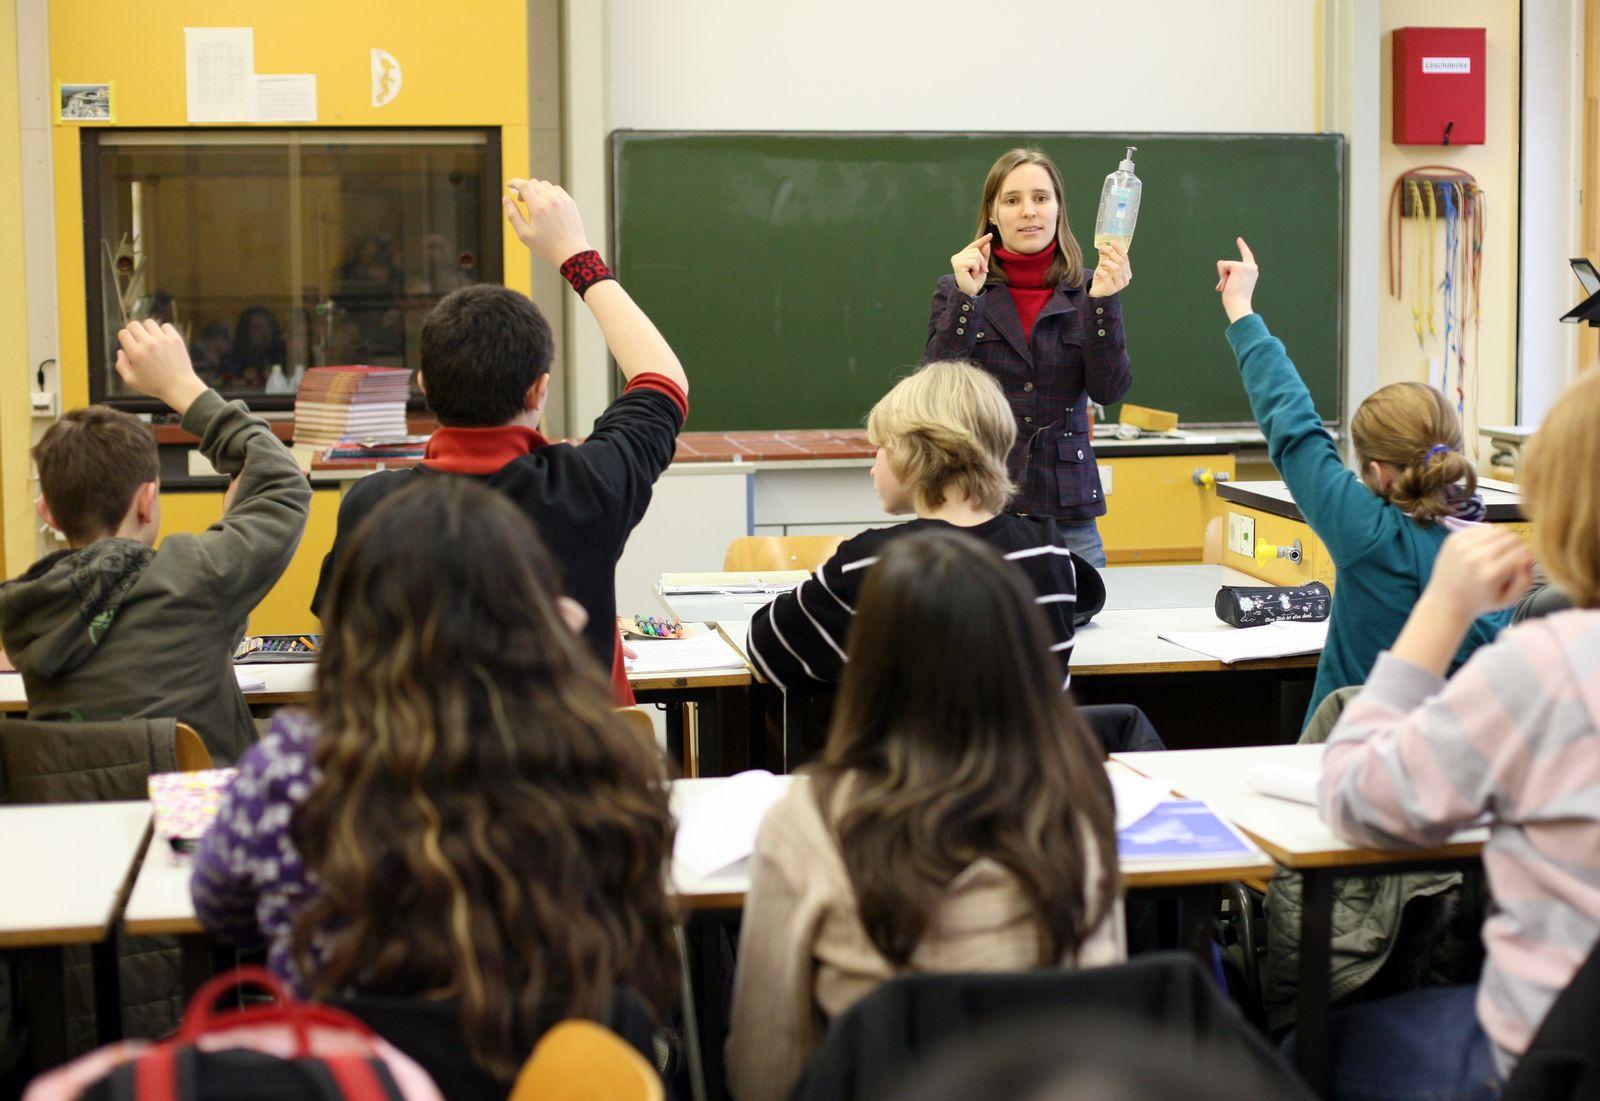 Schüler / Schulklasse